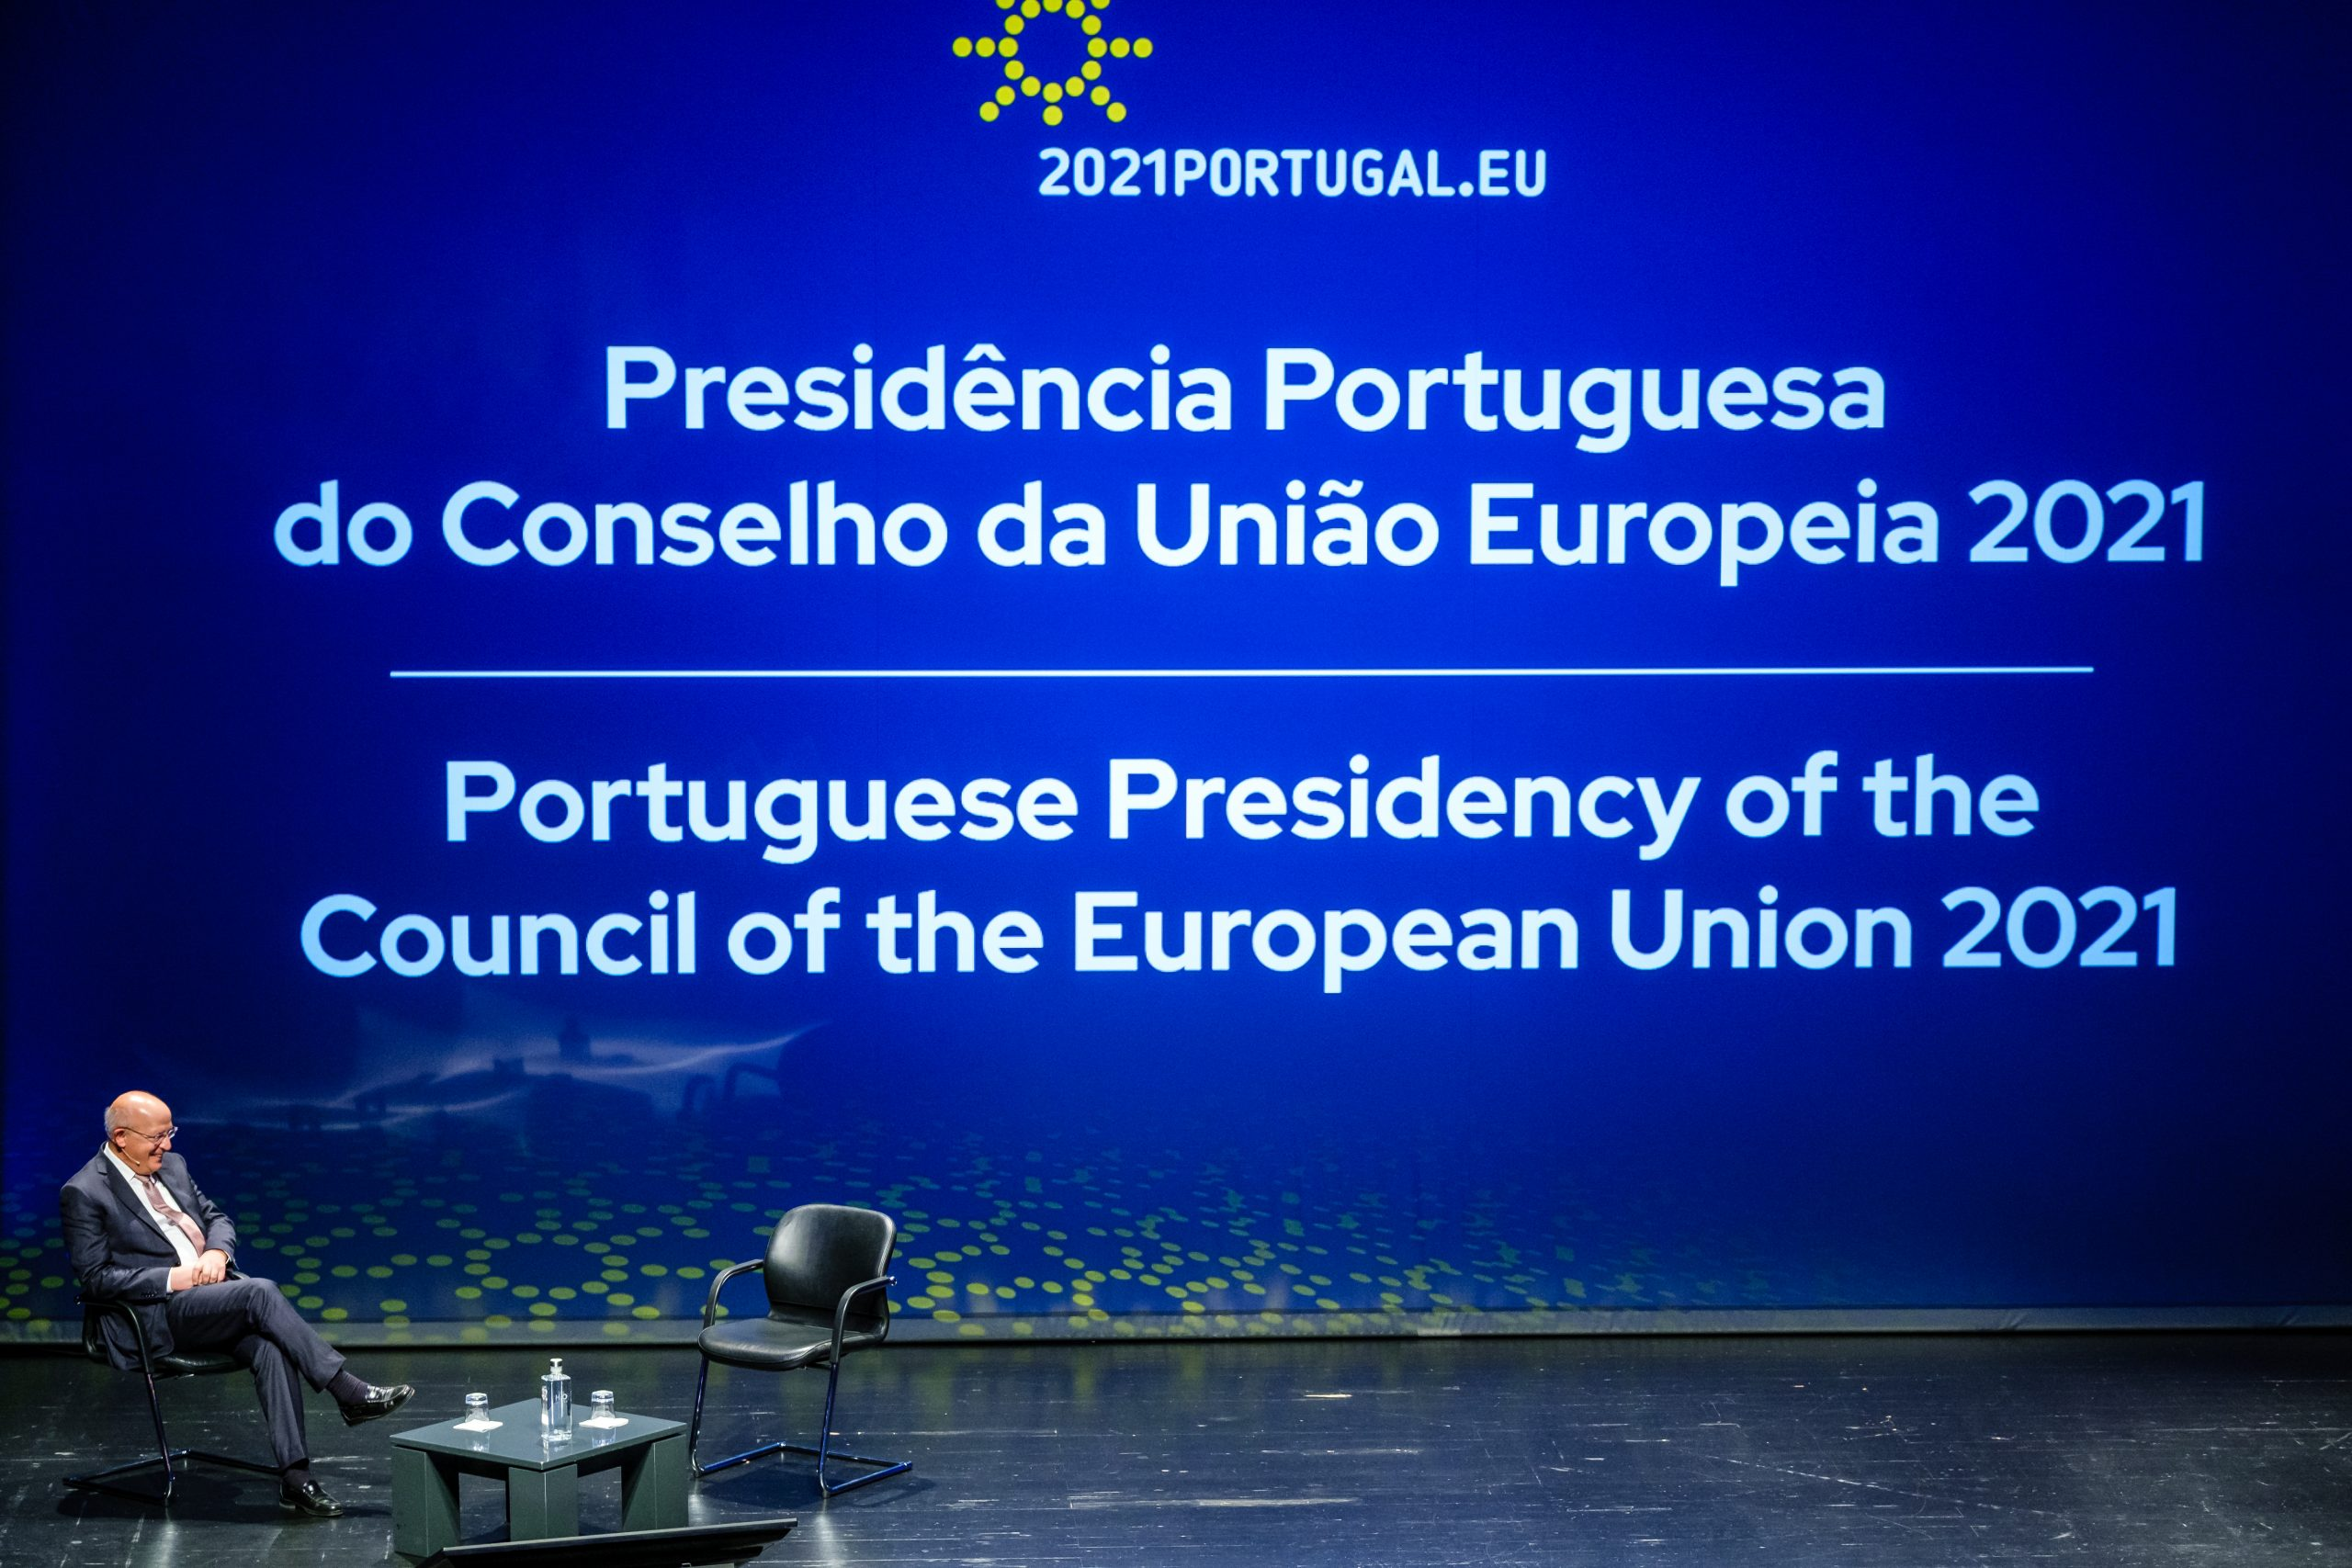 Foto de 2021Portugal.eu/divulgação